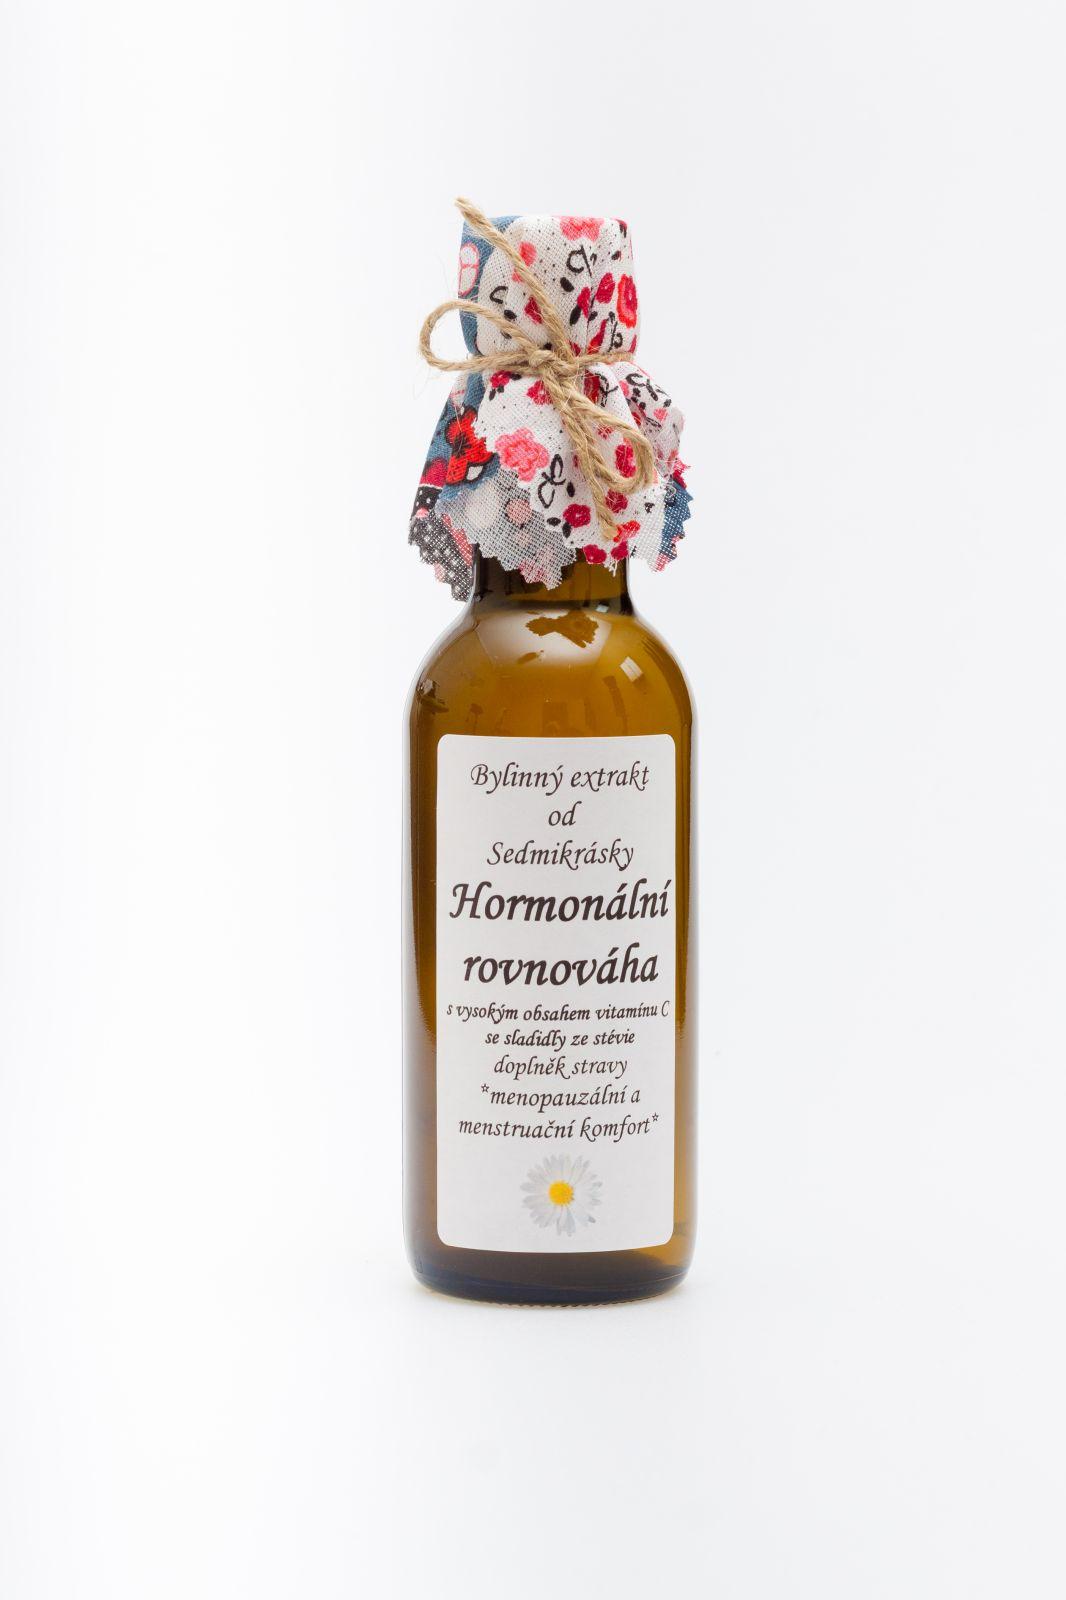 HORMONÁLNÍ ROVNOVÁHA - *menopauzální a menstruační komfort* Rodinná farma Sedmikráska